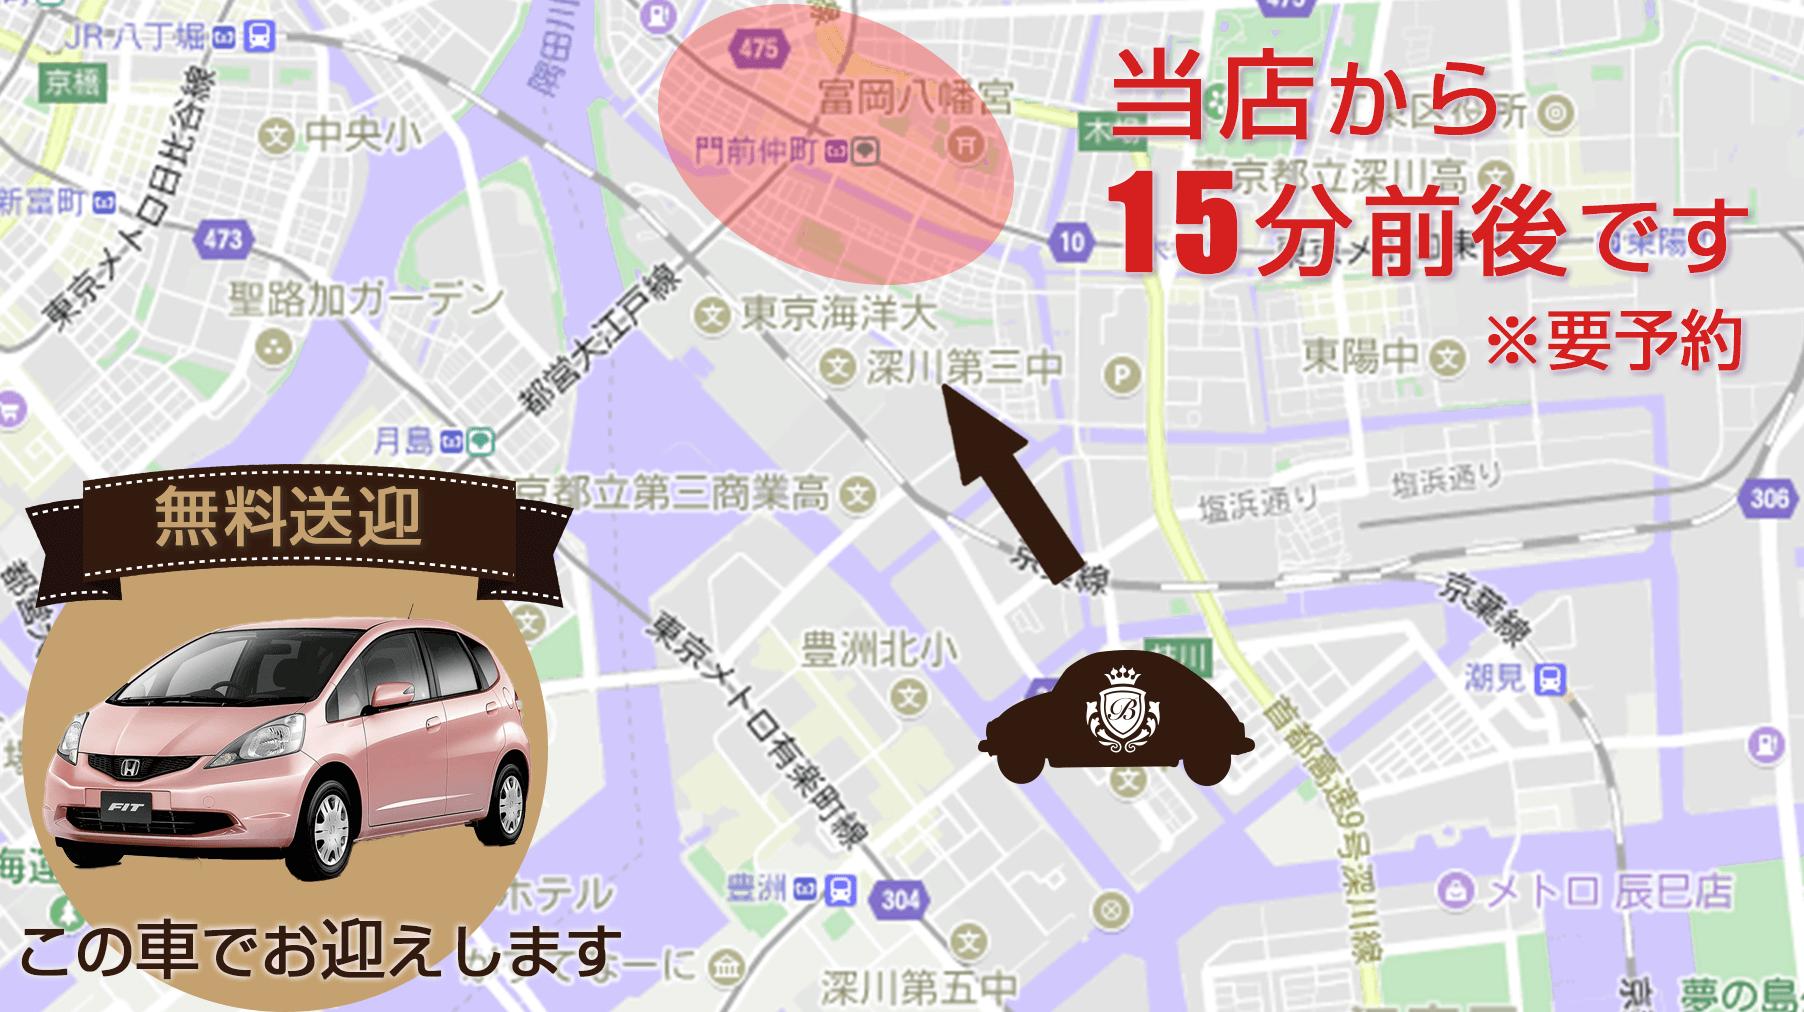 無料送迎地域【門前仲町エリア】